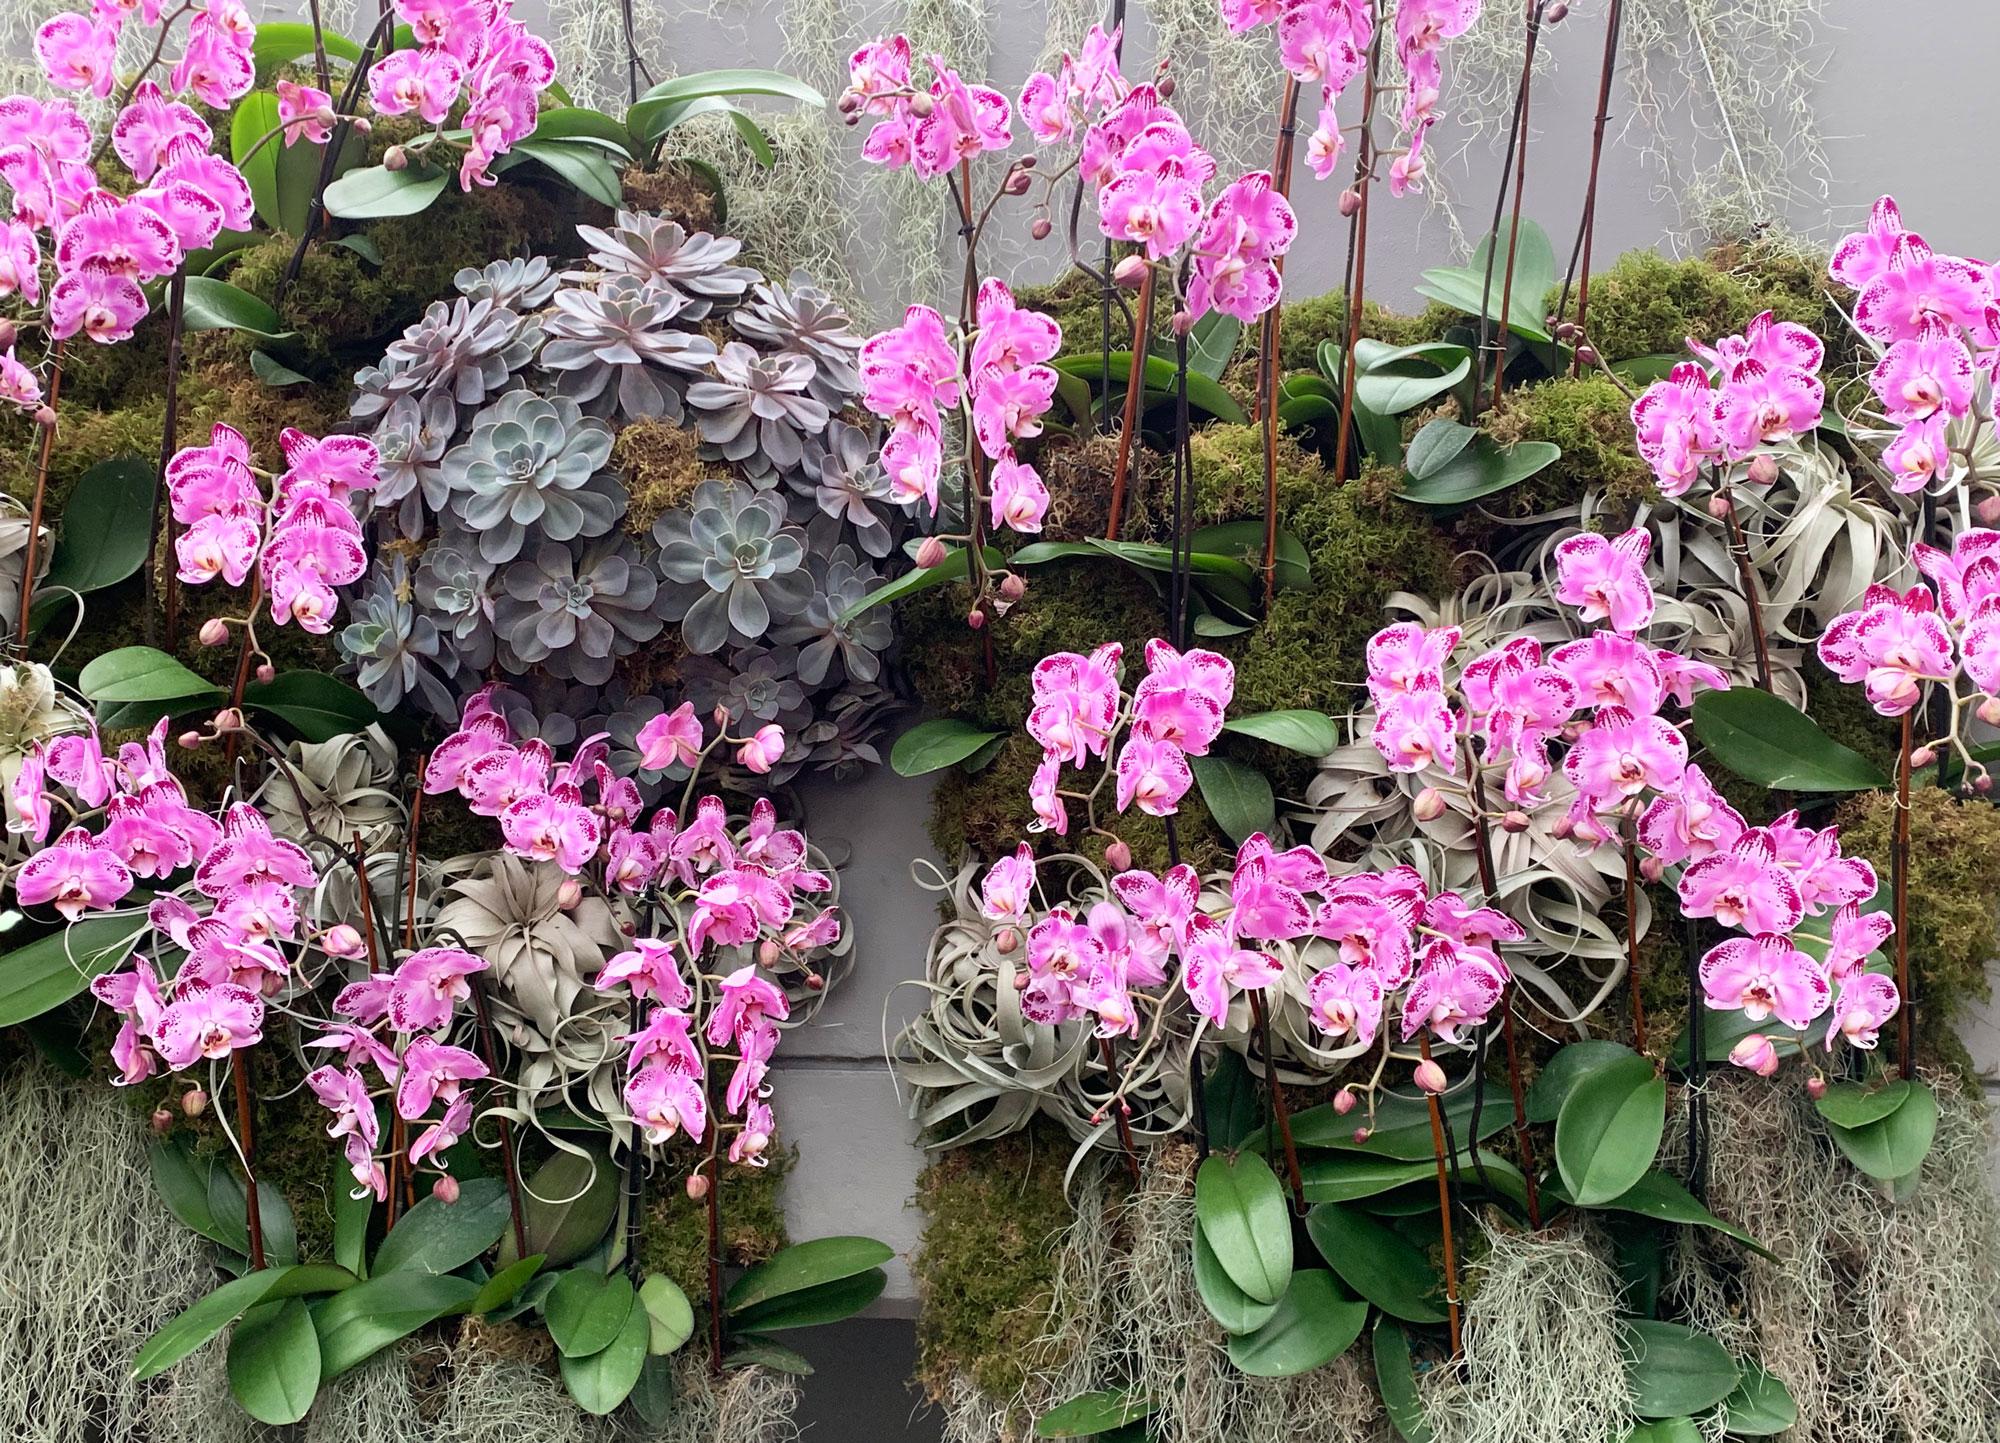 NYBG orchid show Kaleidoscope Jeff Leatham 24